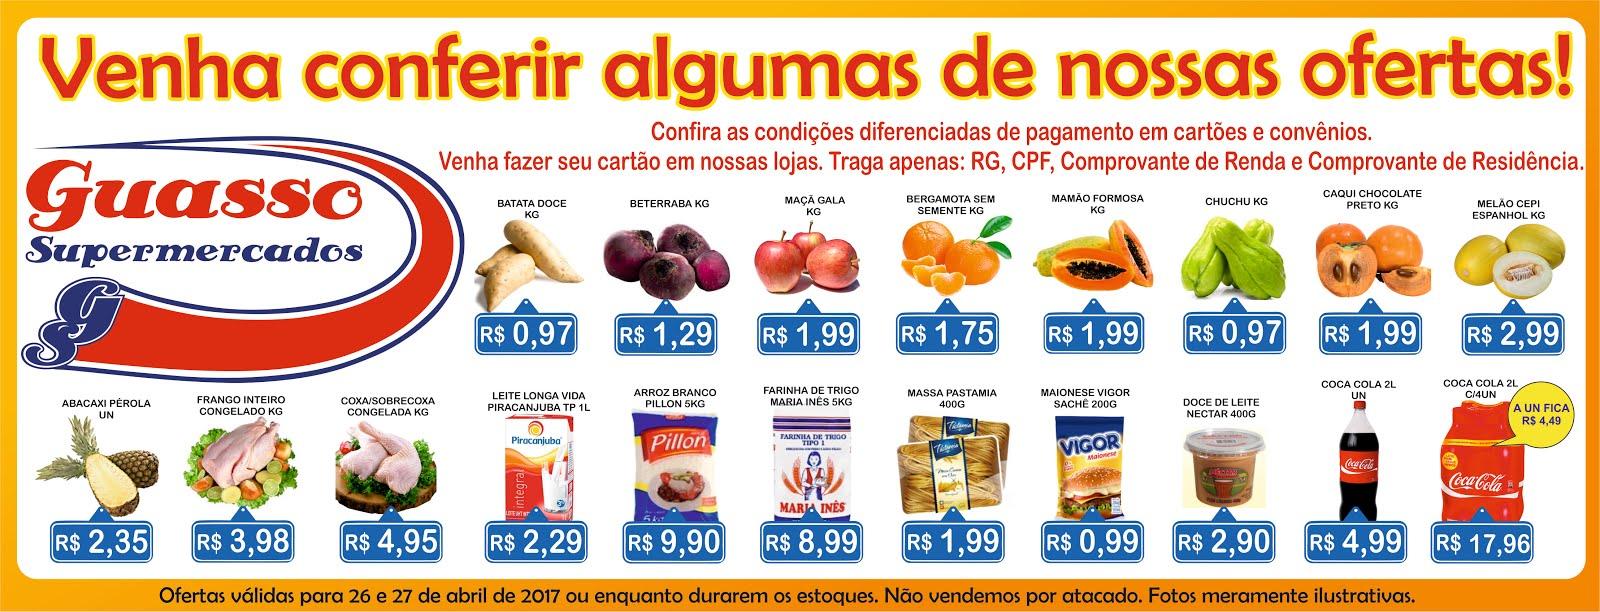 Ofertas da Rede Guasso de Supermercados